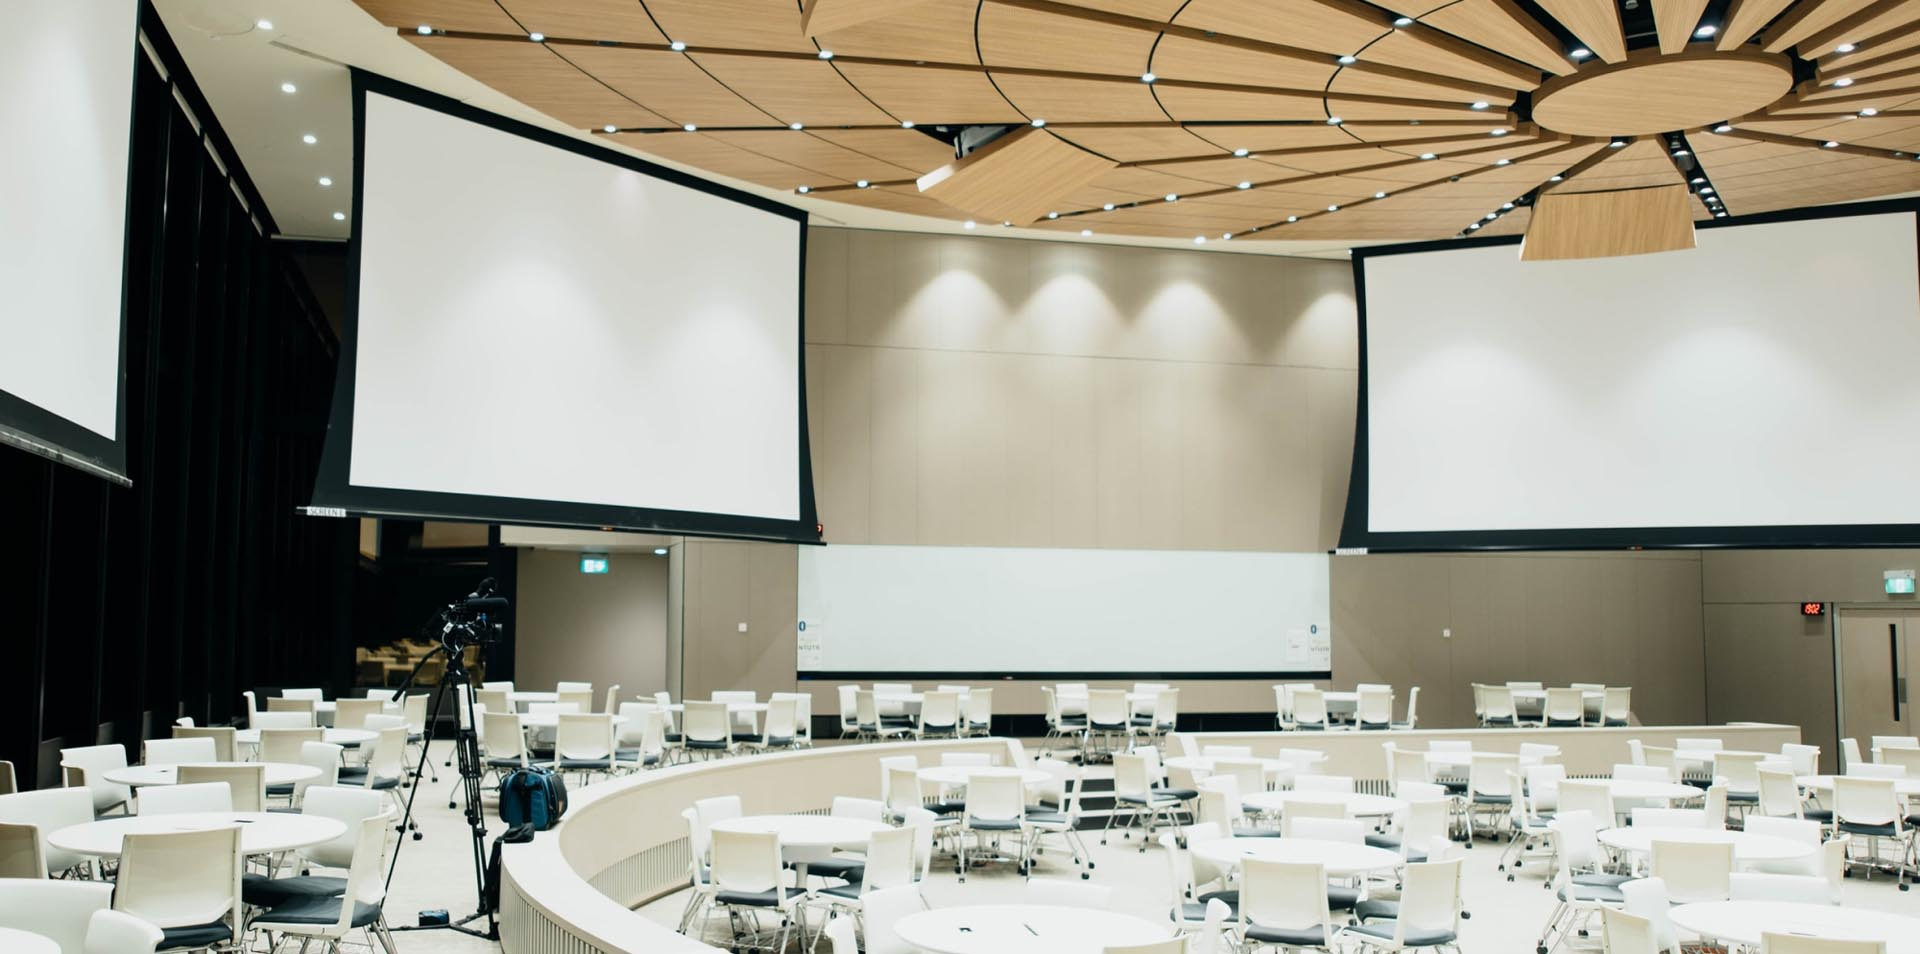 Saal mit 3 großen Bildschirmen und zahlreichen Stühlen, in dem eine Baumesse stattgefunden hat